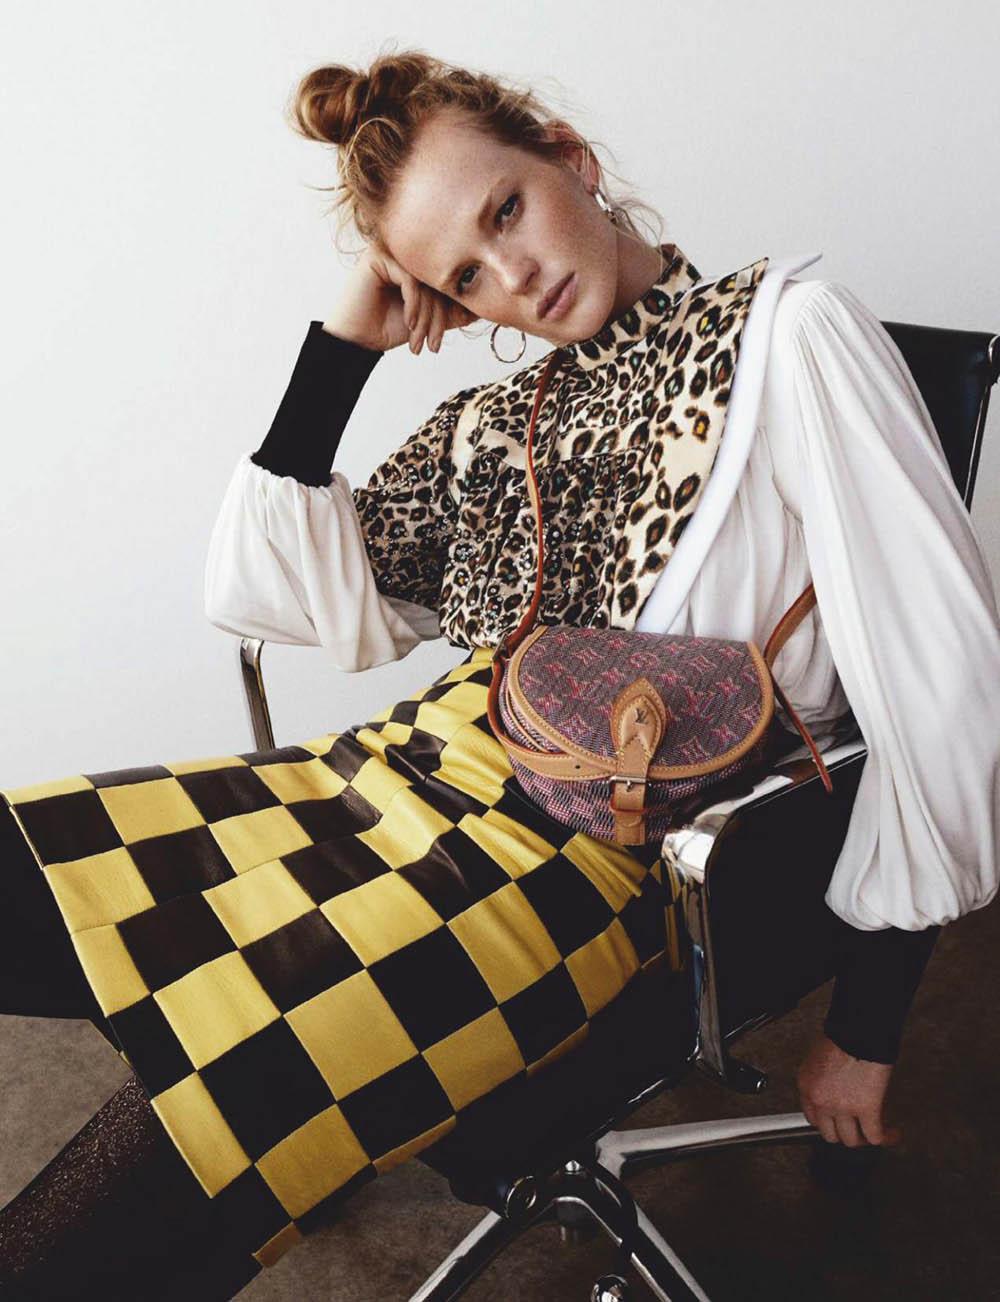 Anne Vyalitsyna by Tom Schirmacher for Elle Spain September 2019